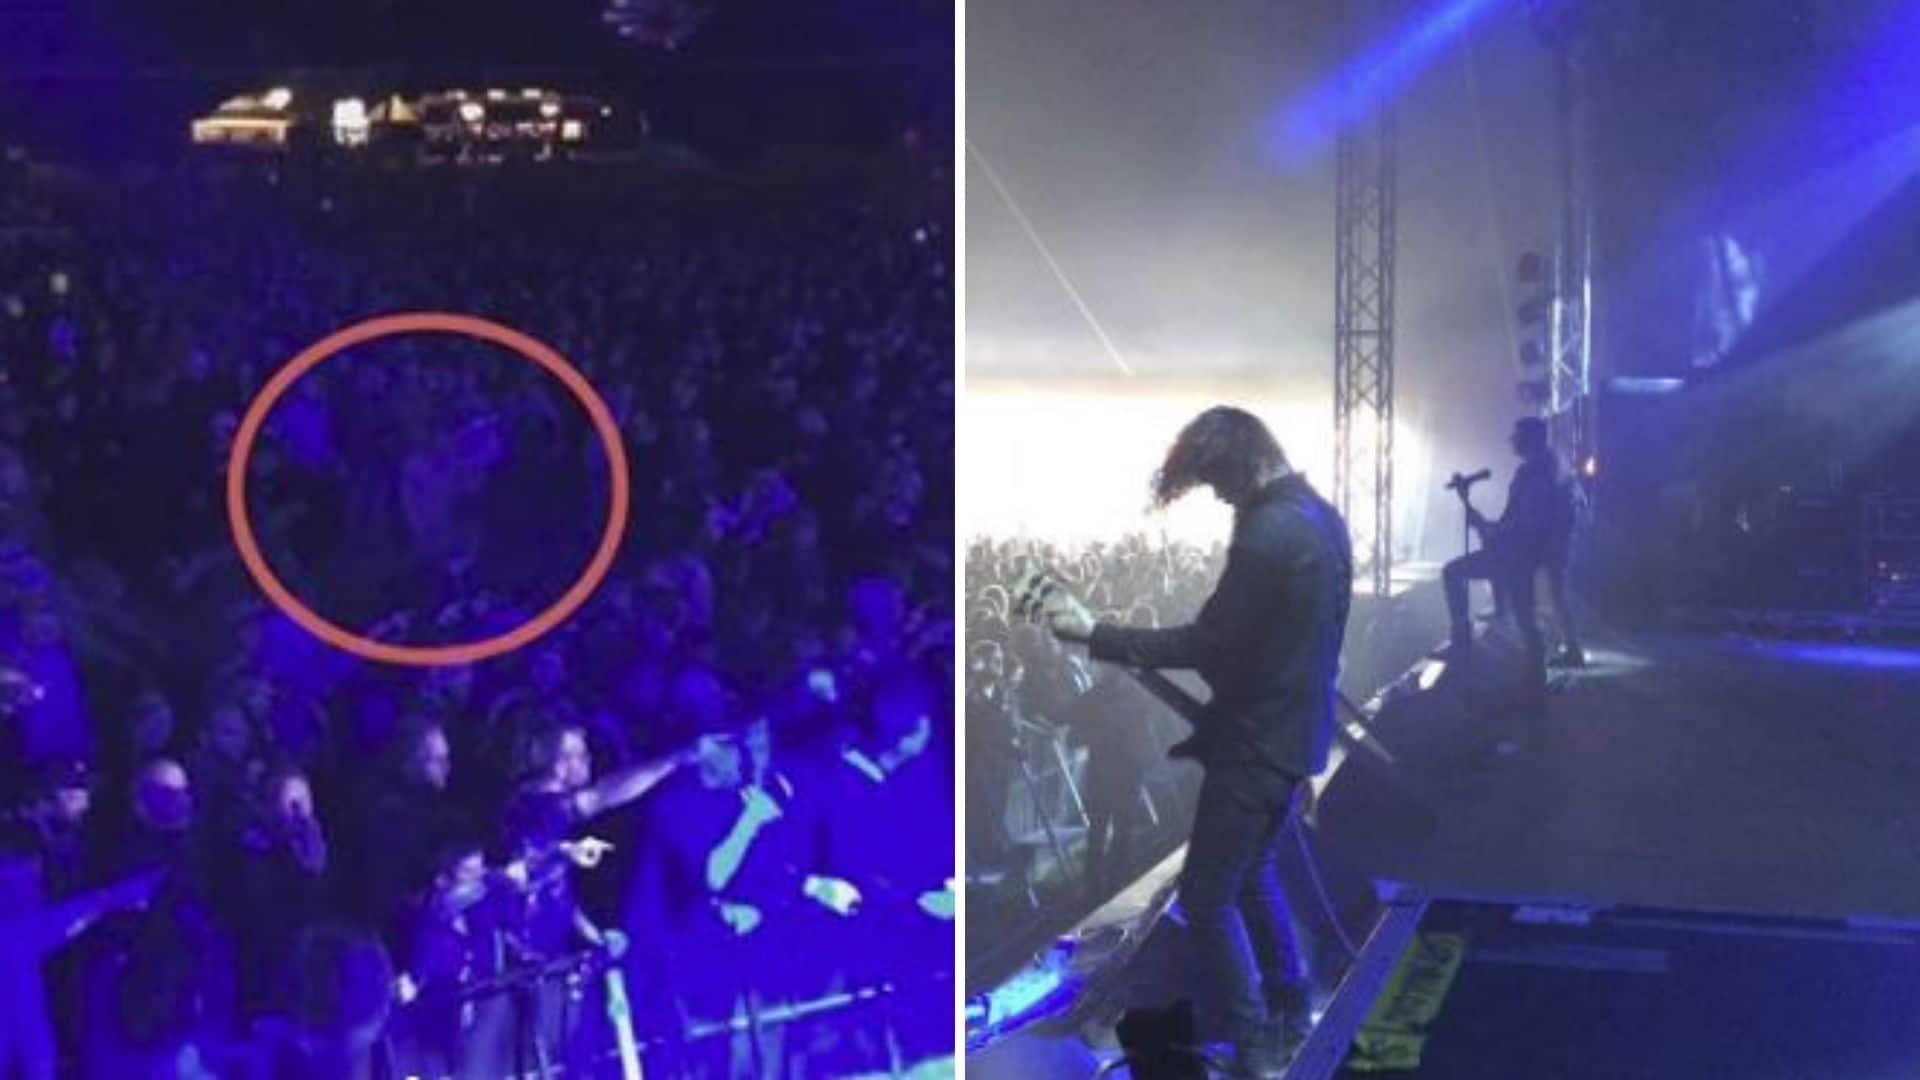 Roskilde Festival: sesso orale tra il pubblico durante un concerto metal